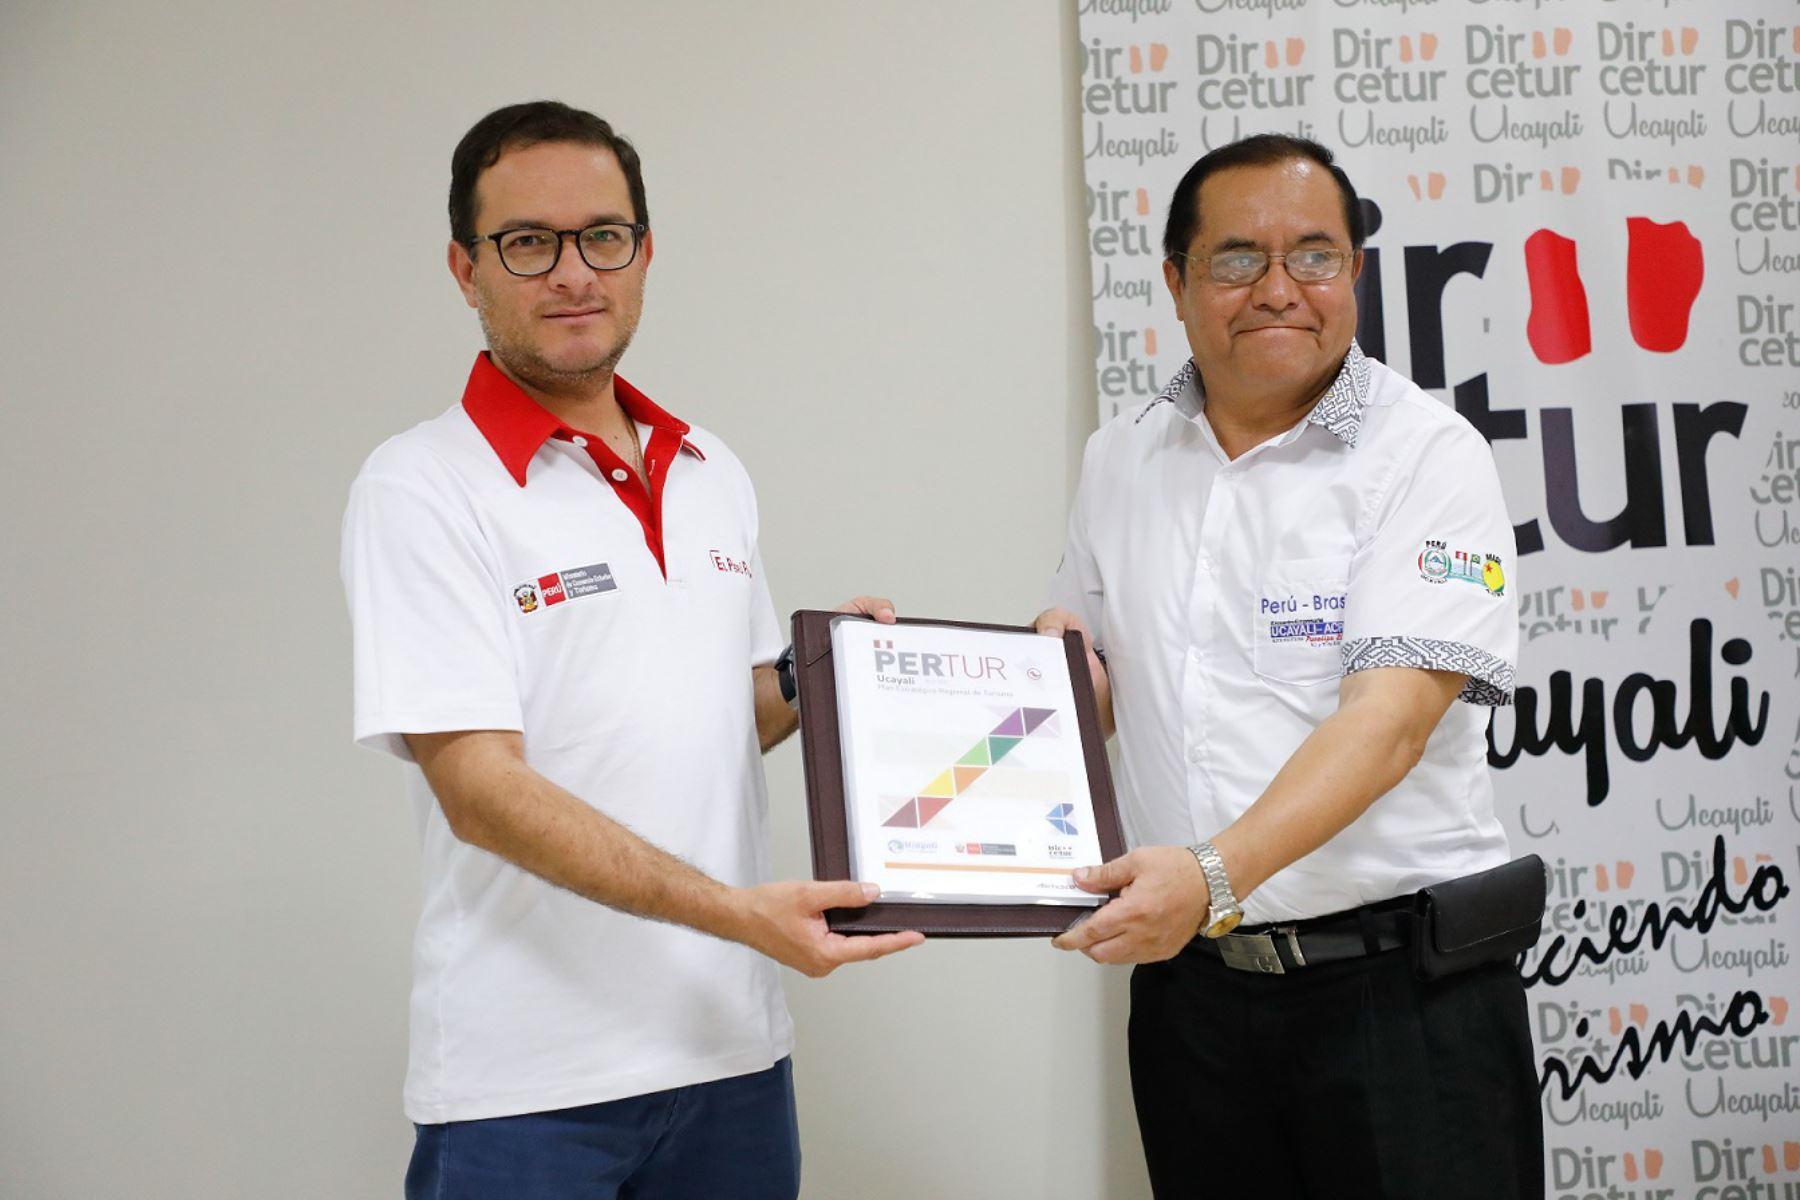 El titular del Mincetur, Edgar Vásquez, entregó el Plan Regional de Turismo de Ucayali al 2025, cuya elaboración fue un proceso liderado por el gobierno regional.